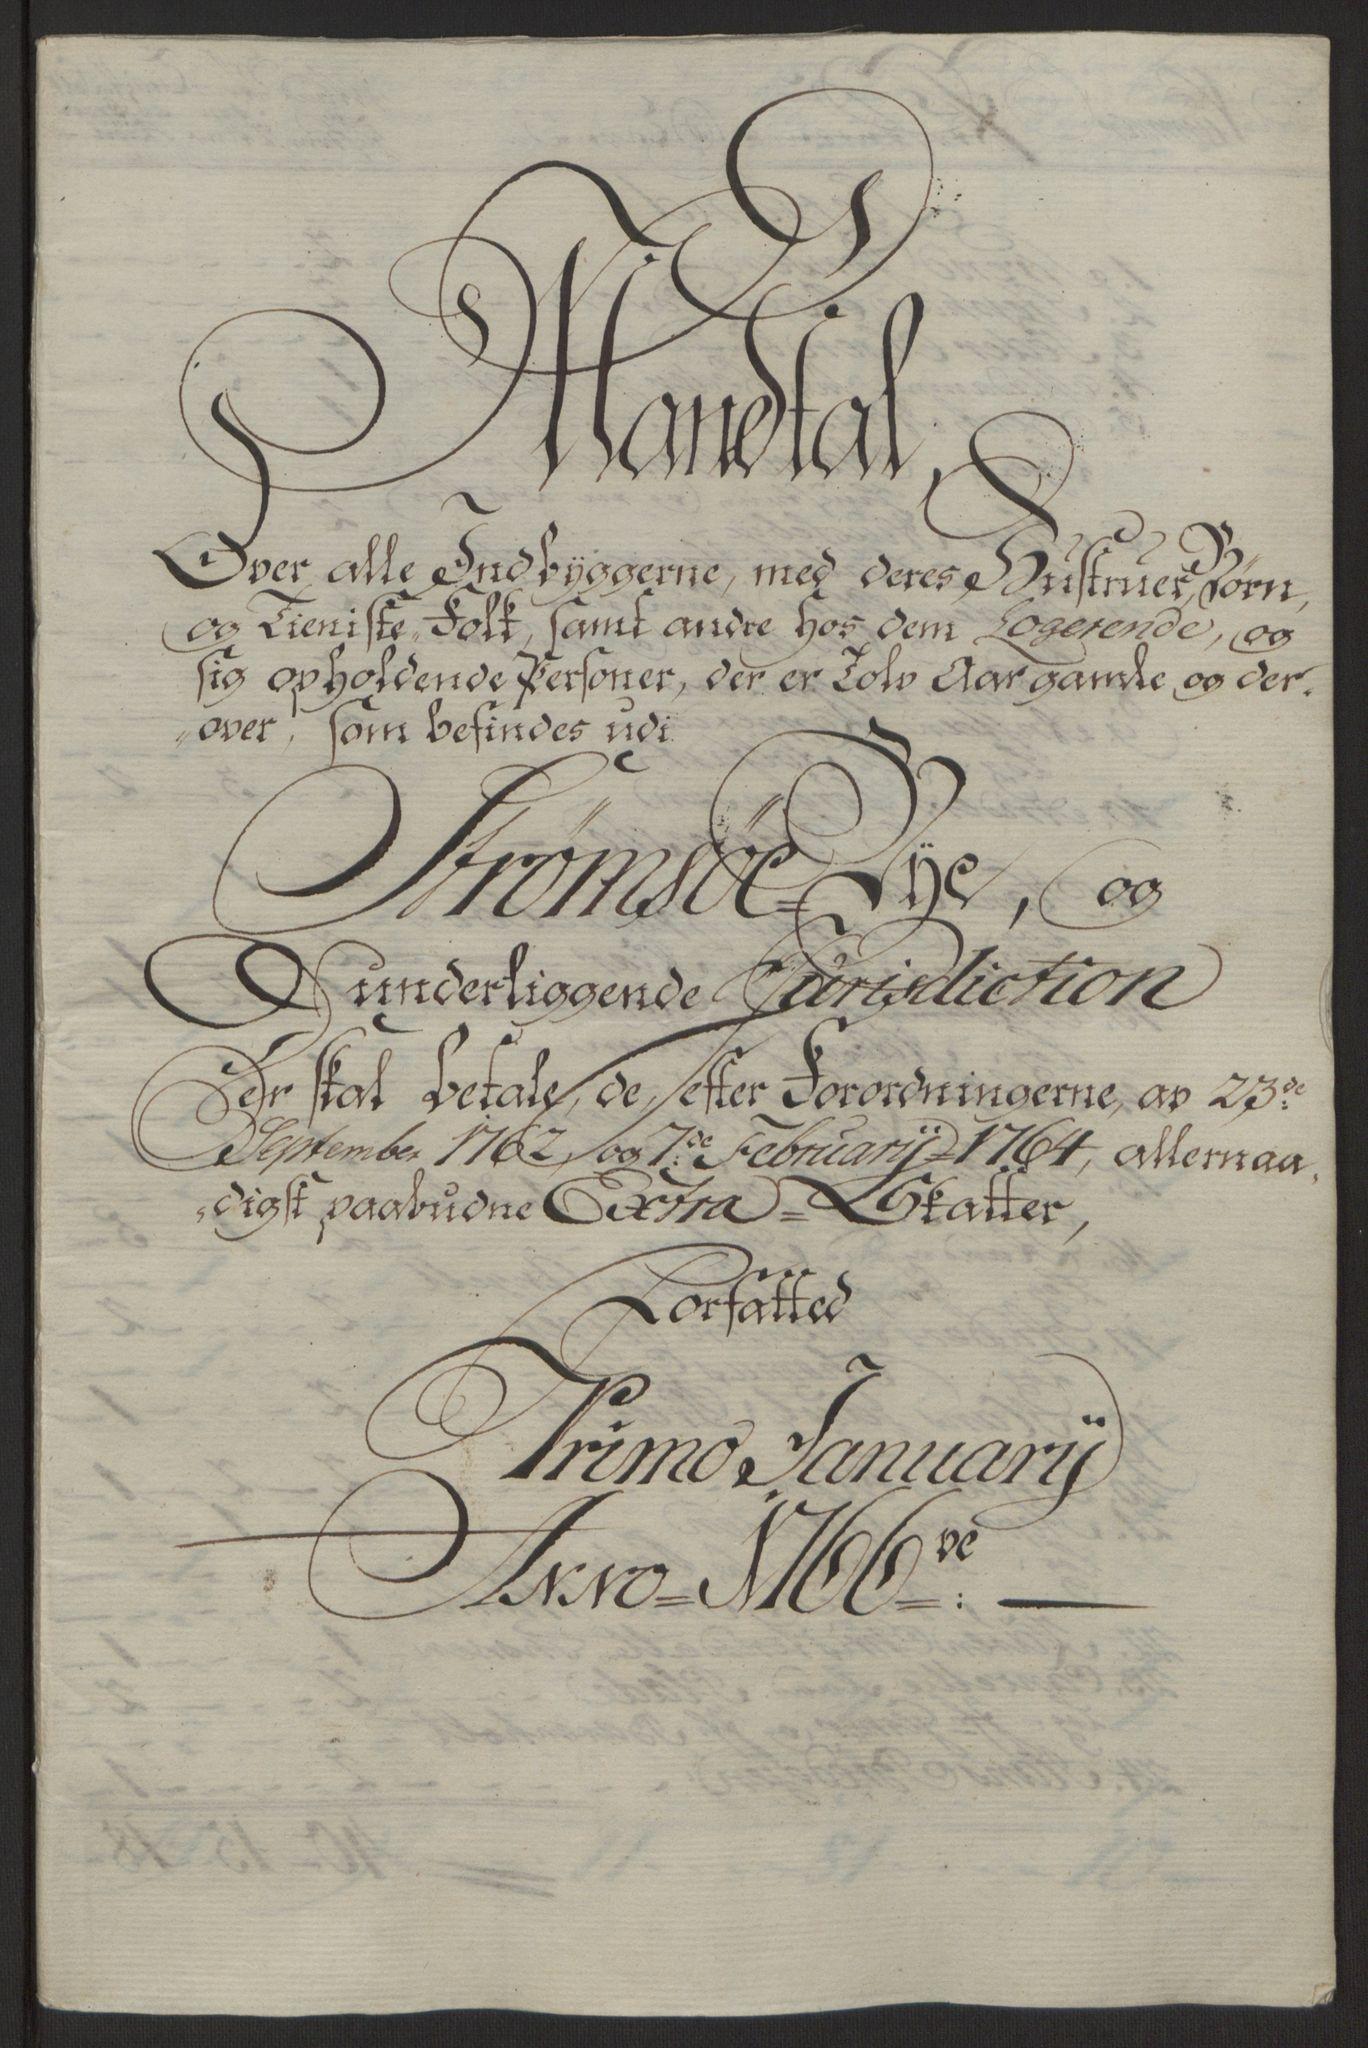 RA, Rentekammeret inntil 1814, Reviderte regnskaper, Byregnskaper, R/Rg/L0144: [G4] Kontribusjonsregnskap, 1762-1767, s. 428